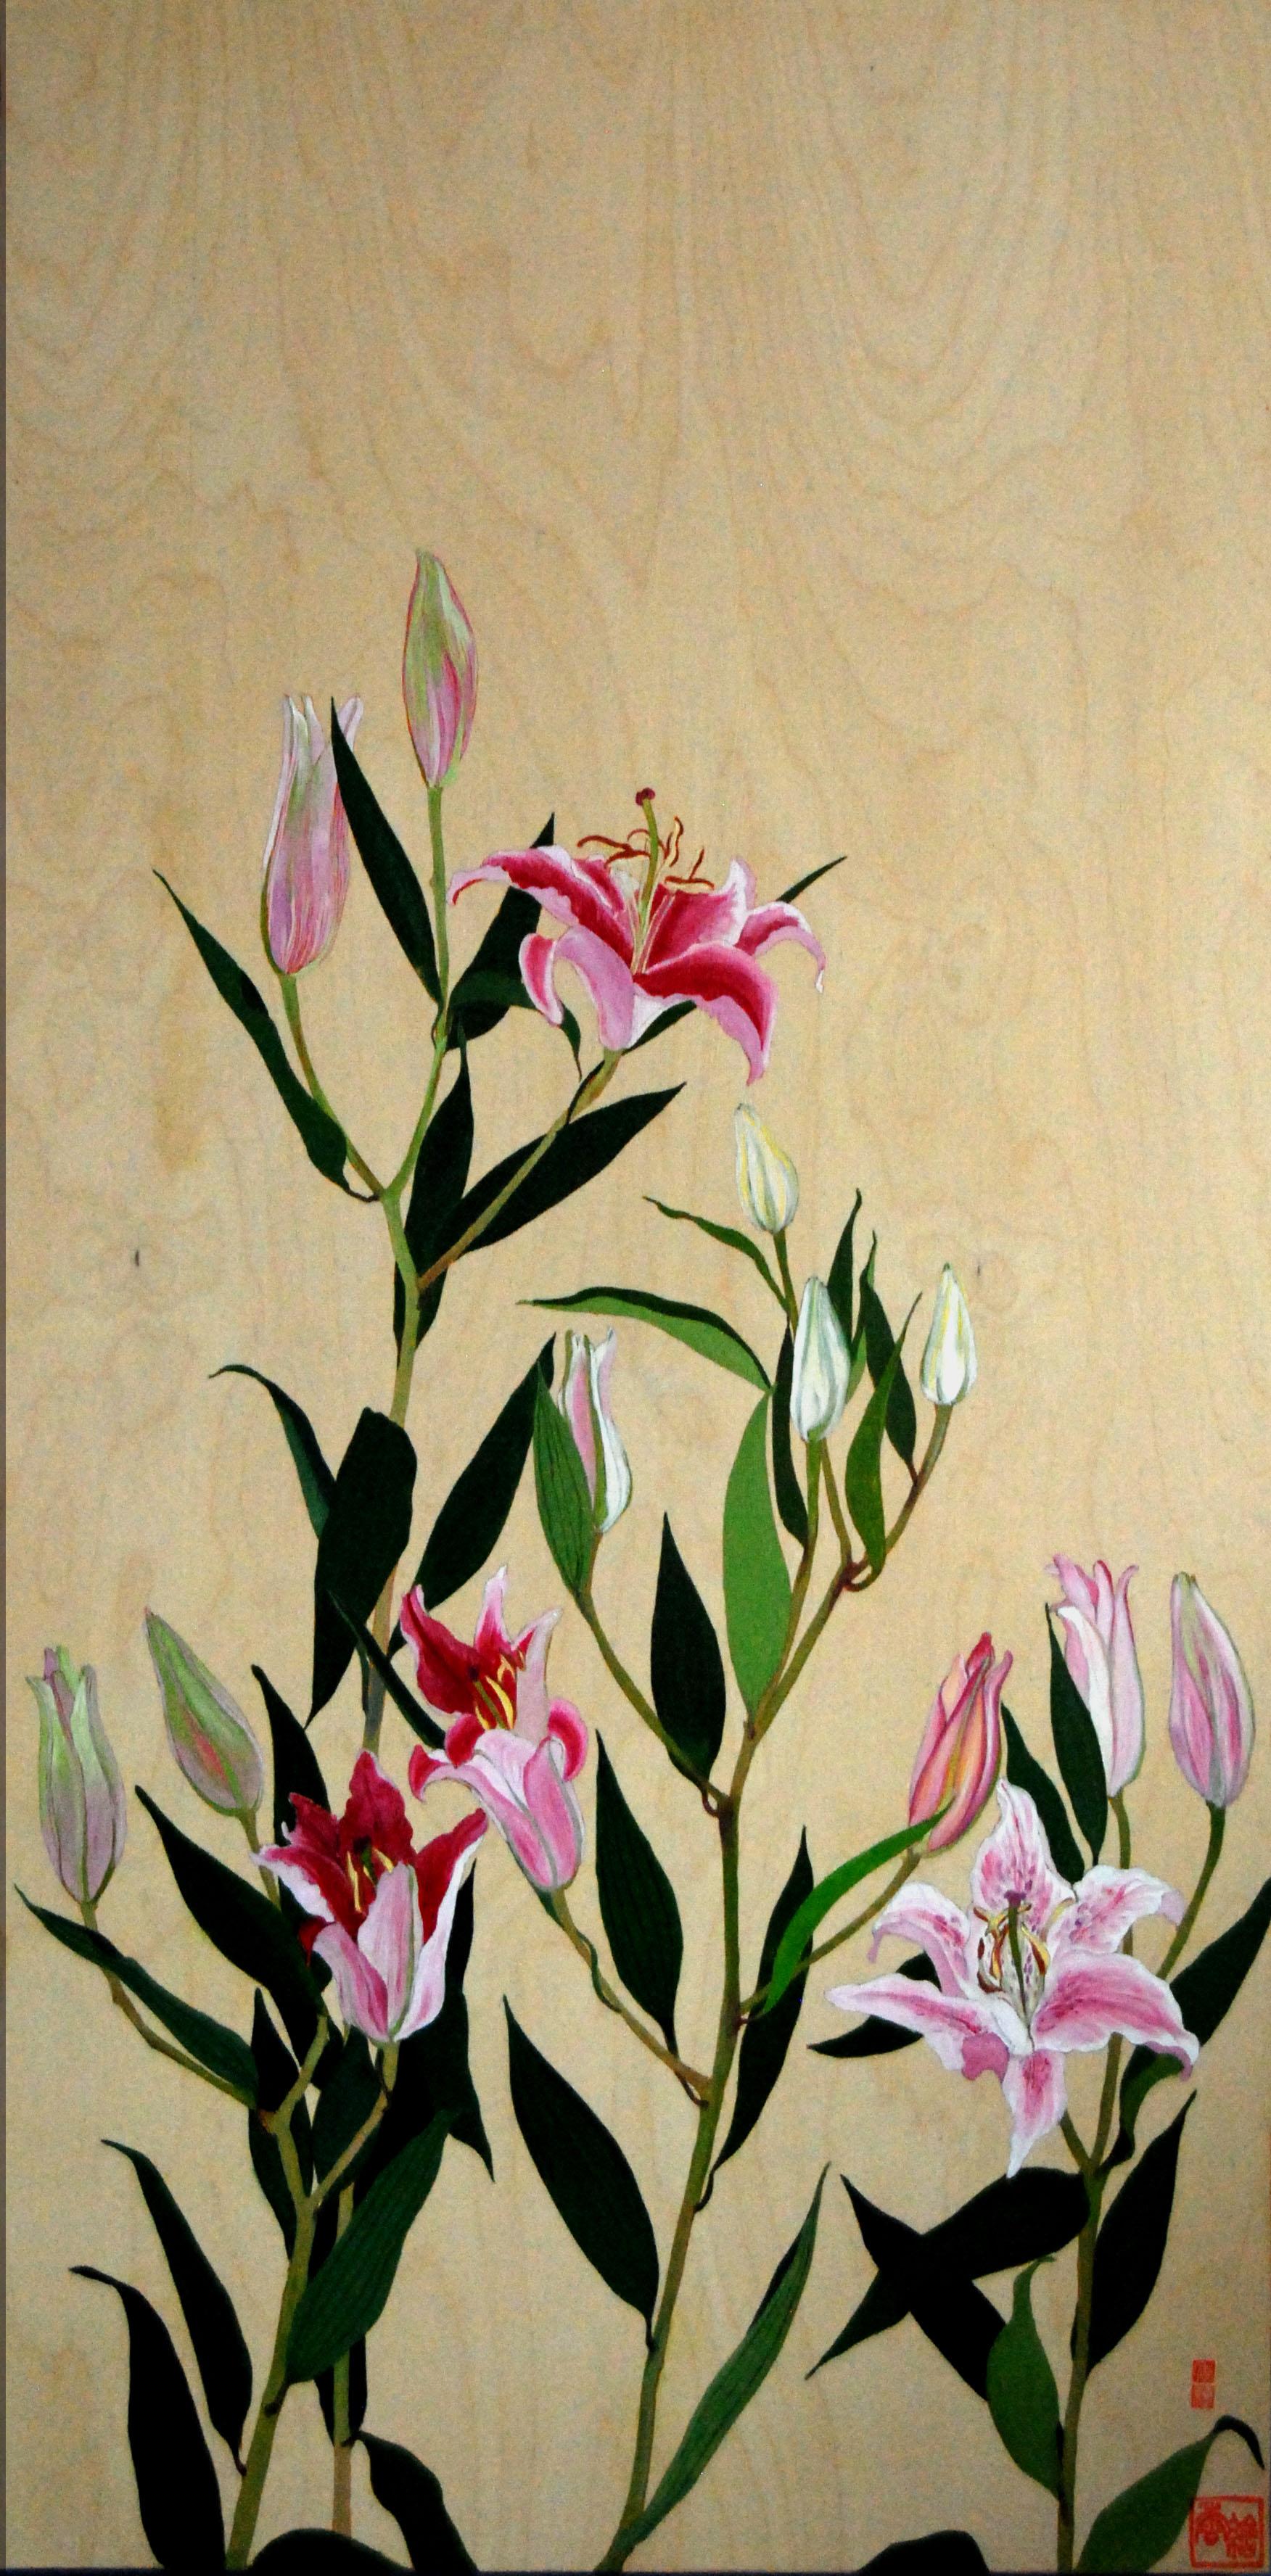 KS-022, Kae Sasaki, Untitled (Oriental Lilies), Oil on Wood Panel, 24 x 48, 2013